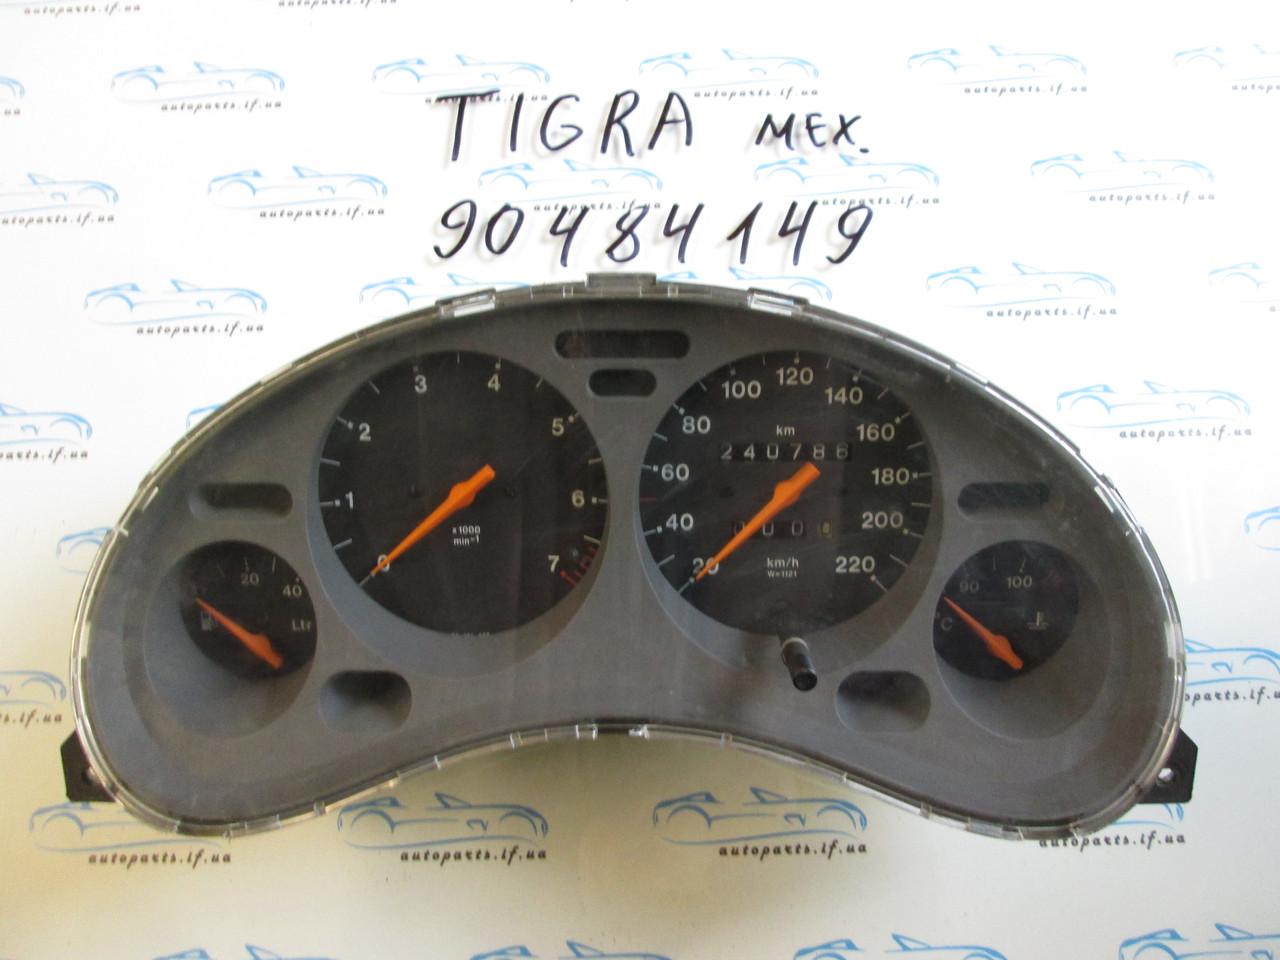 Панель приборов Опель Тигра, opel Tigra тросик 90484149